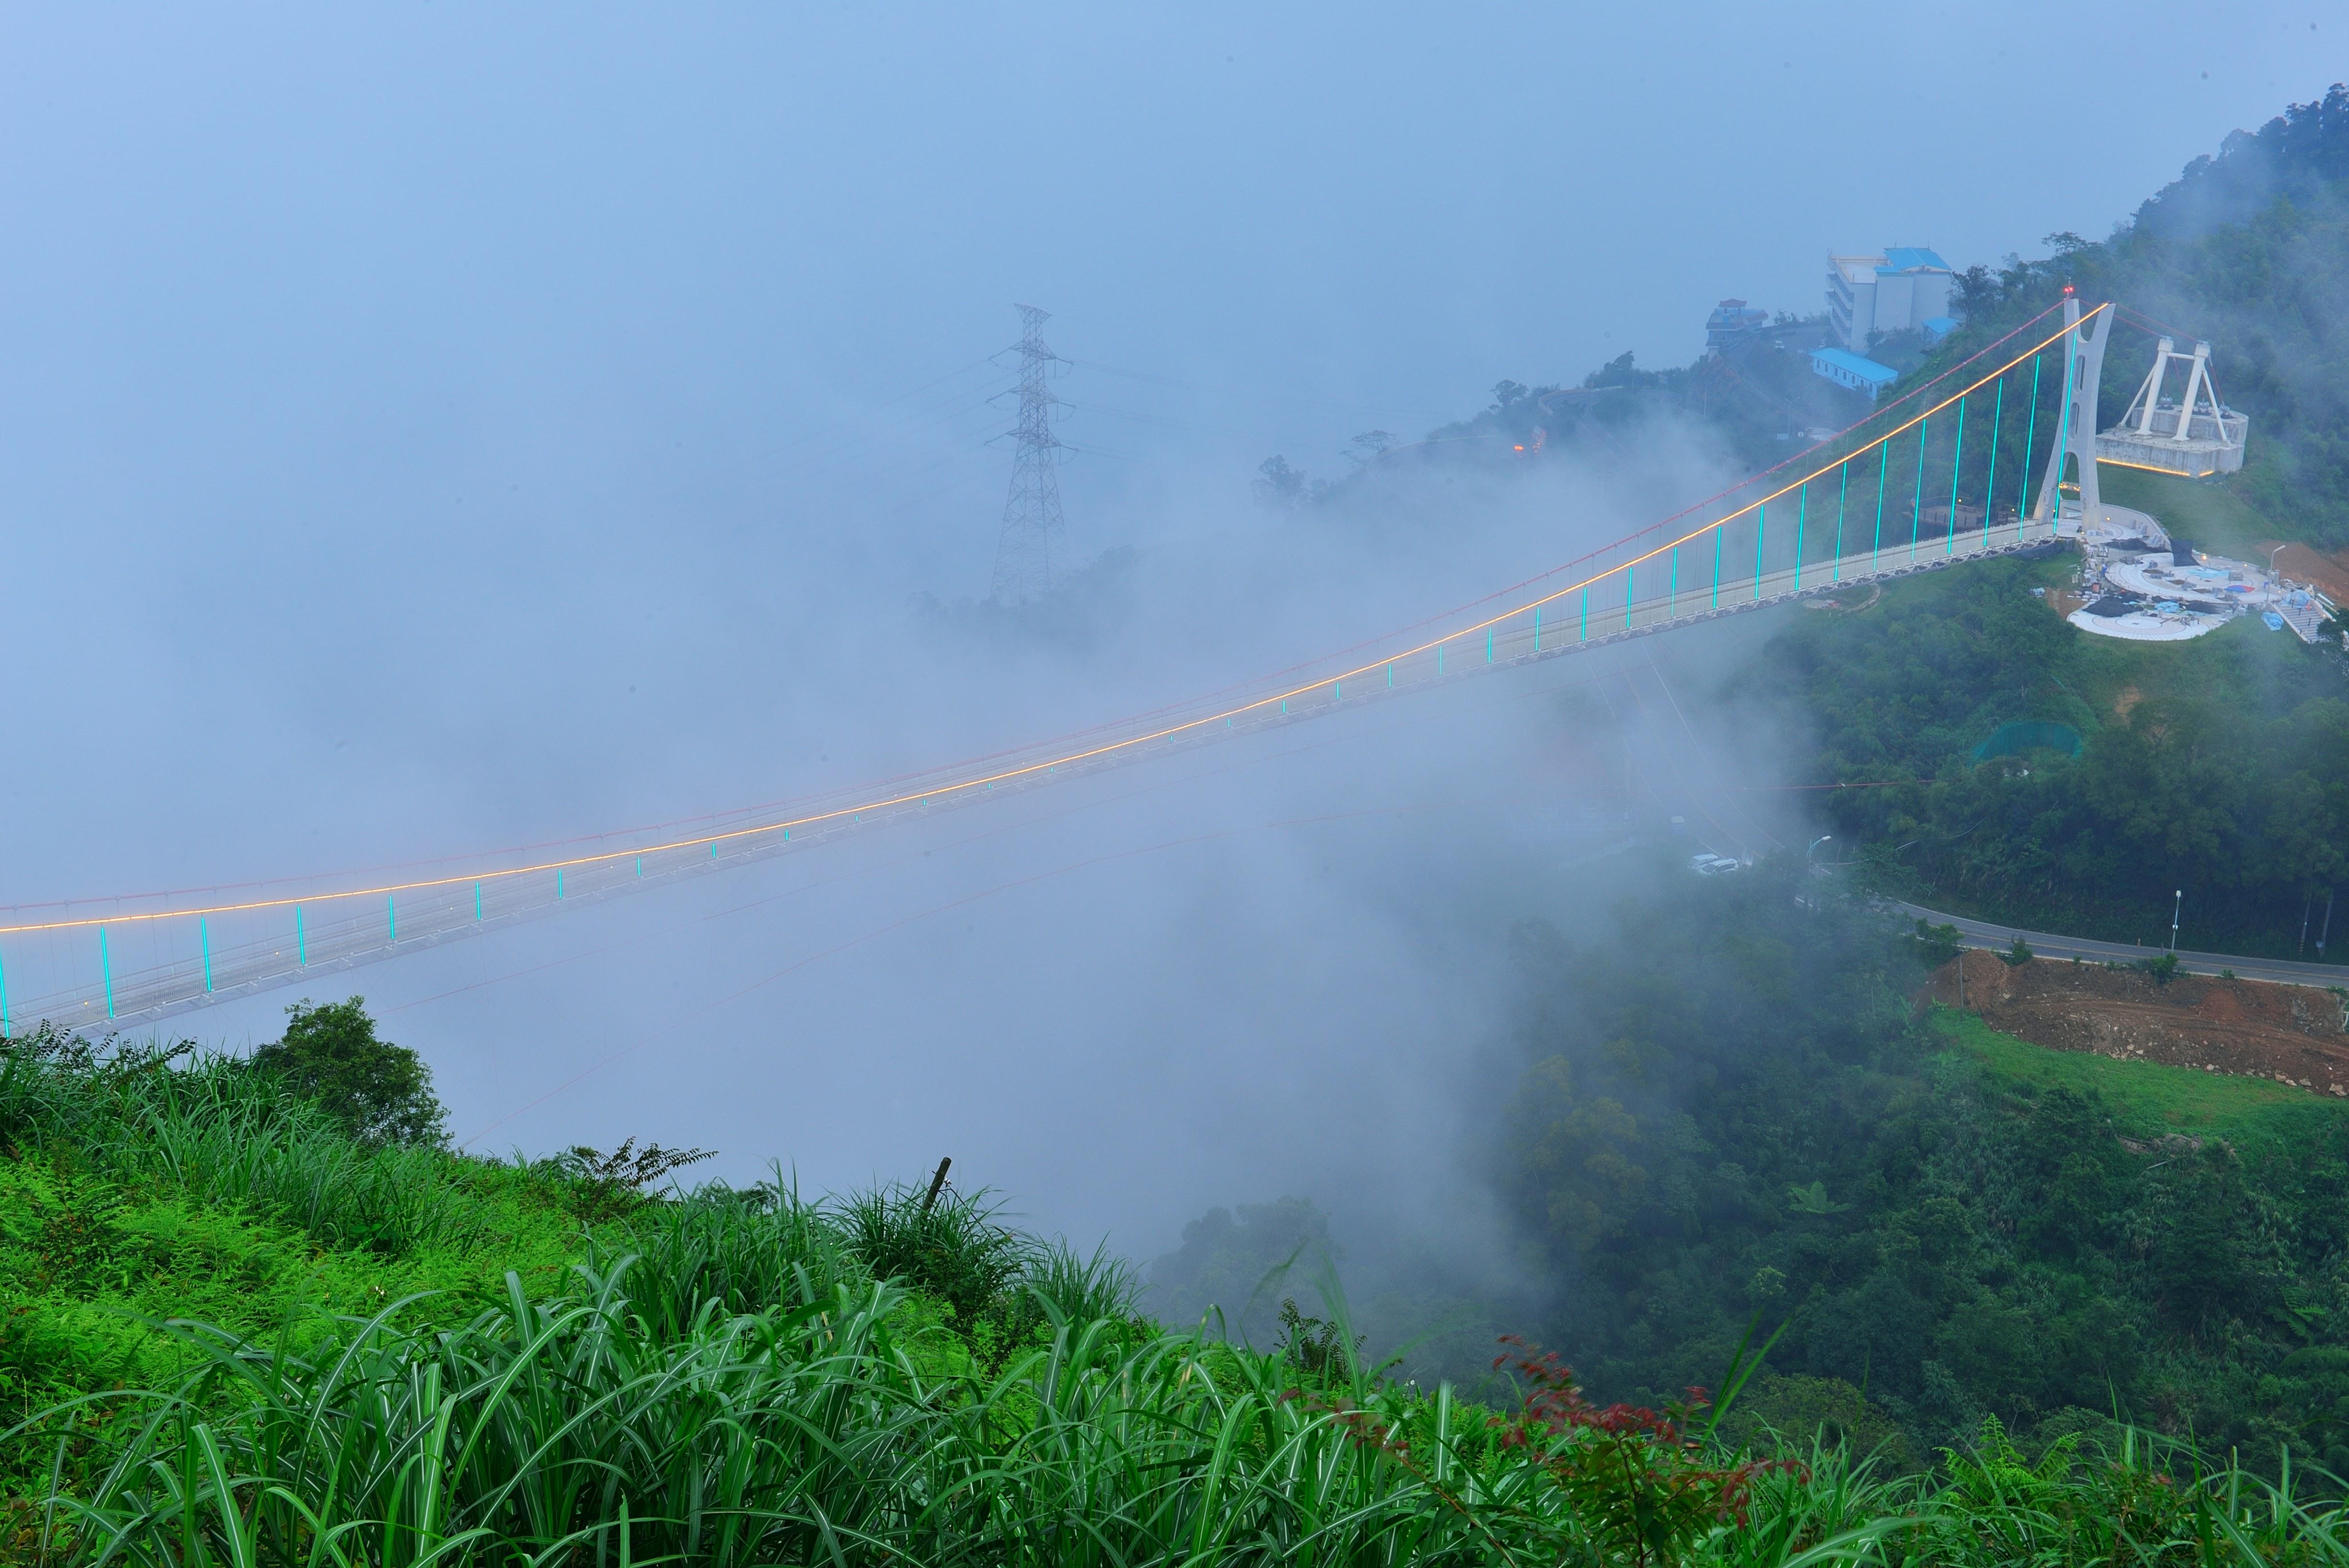 太平雲梯雲霧